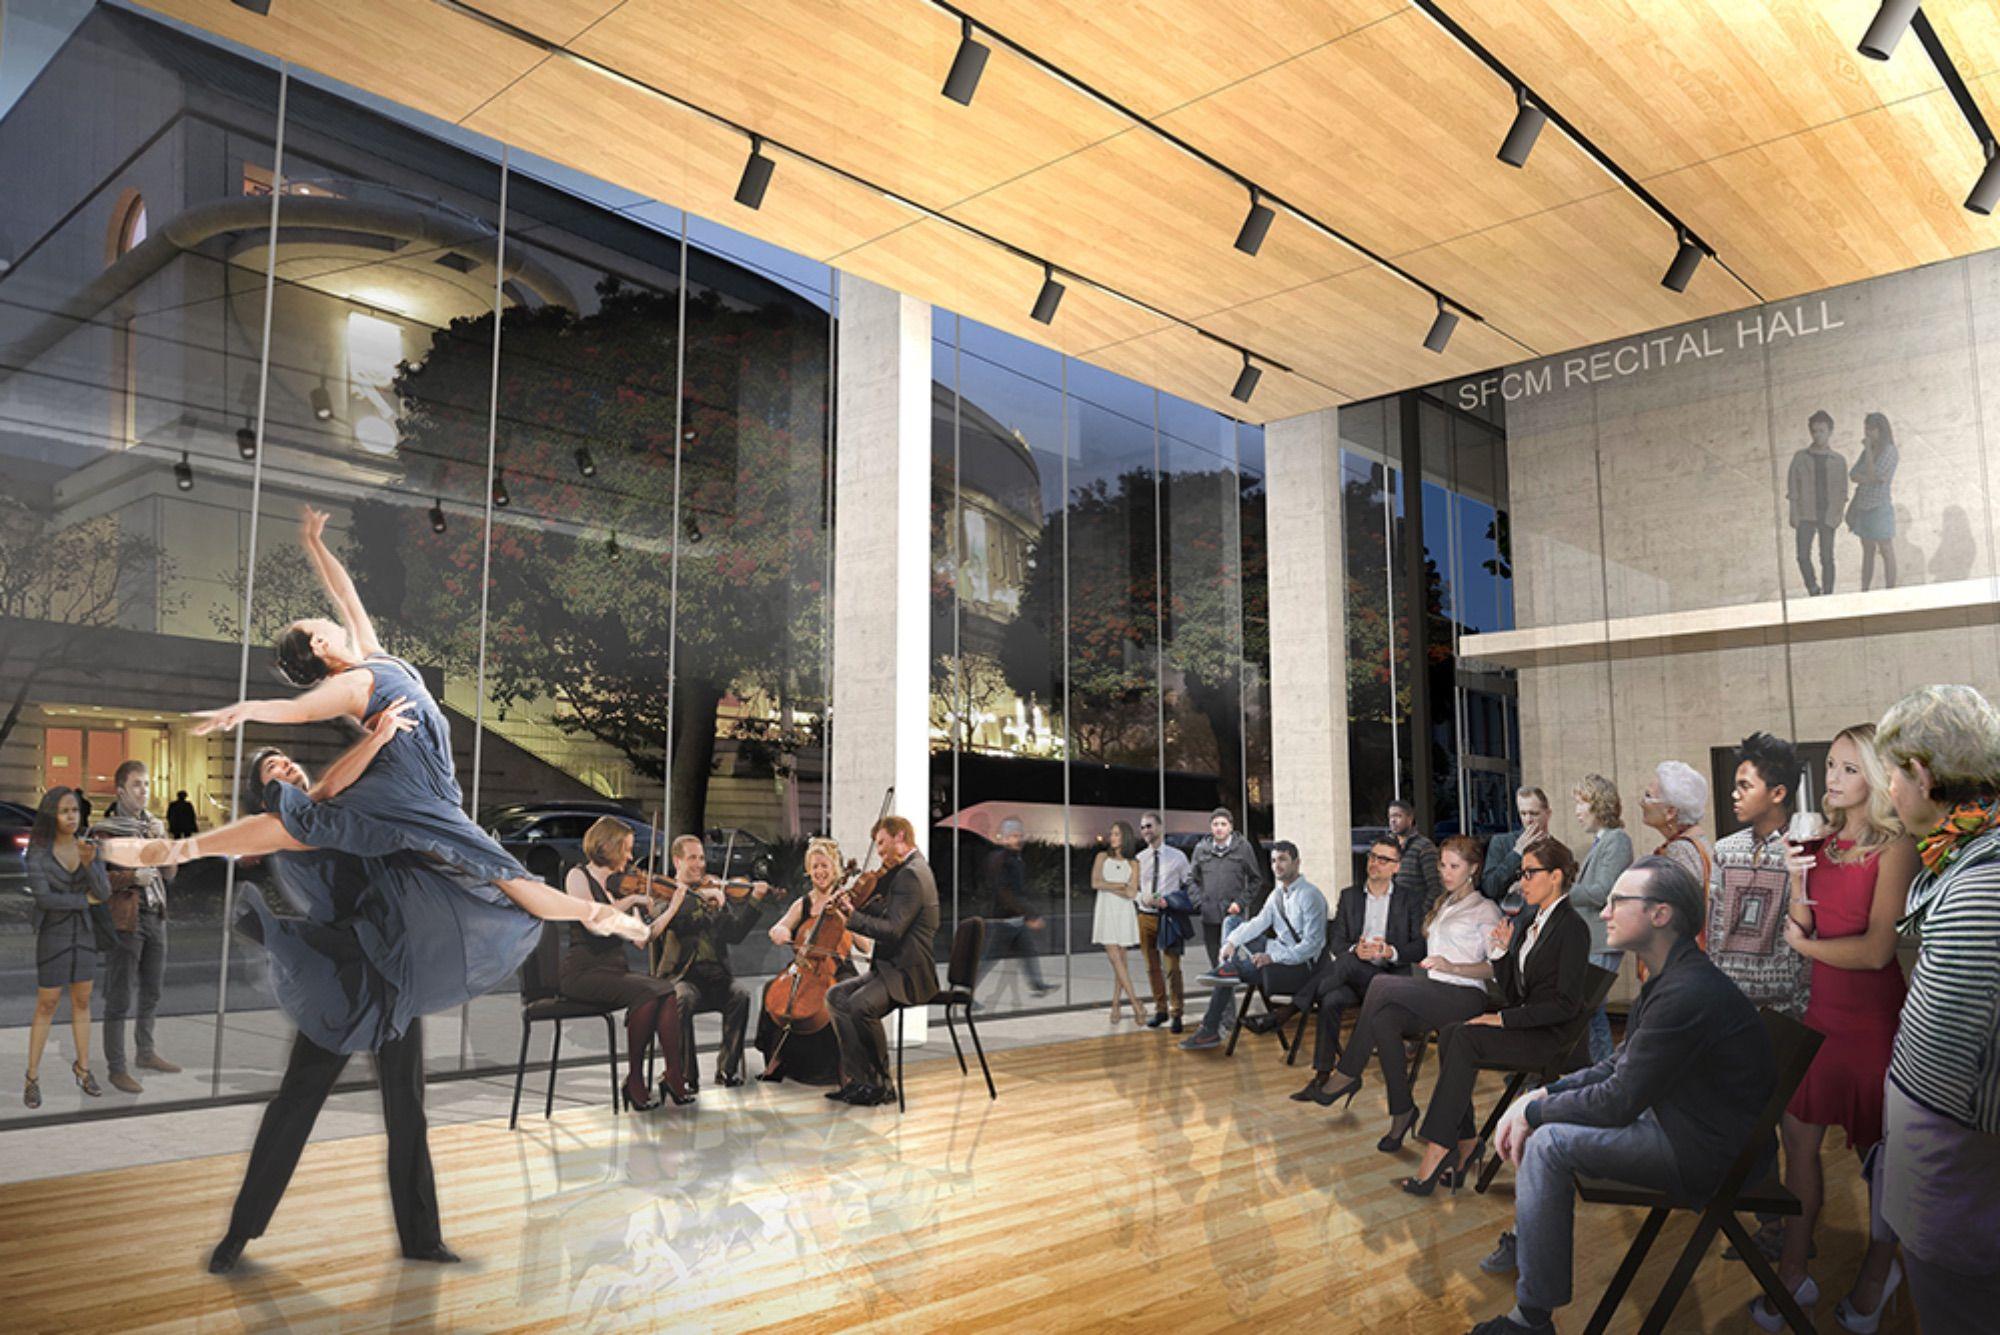 Bowes Center Recital Hall